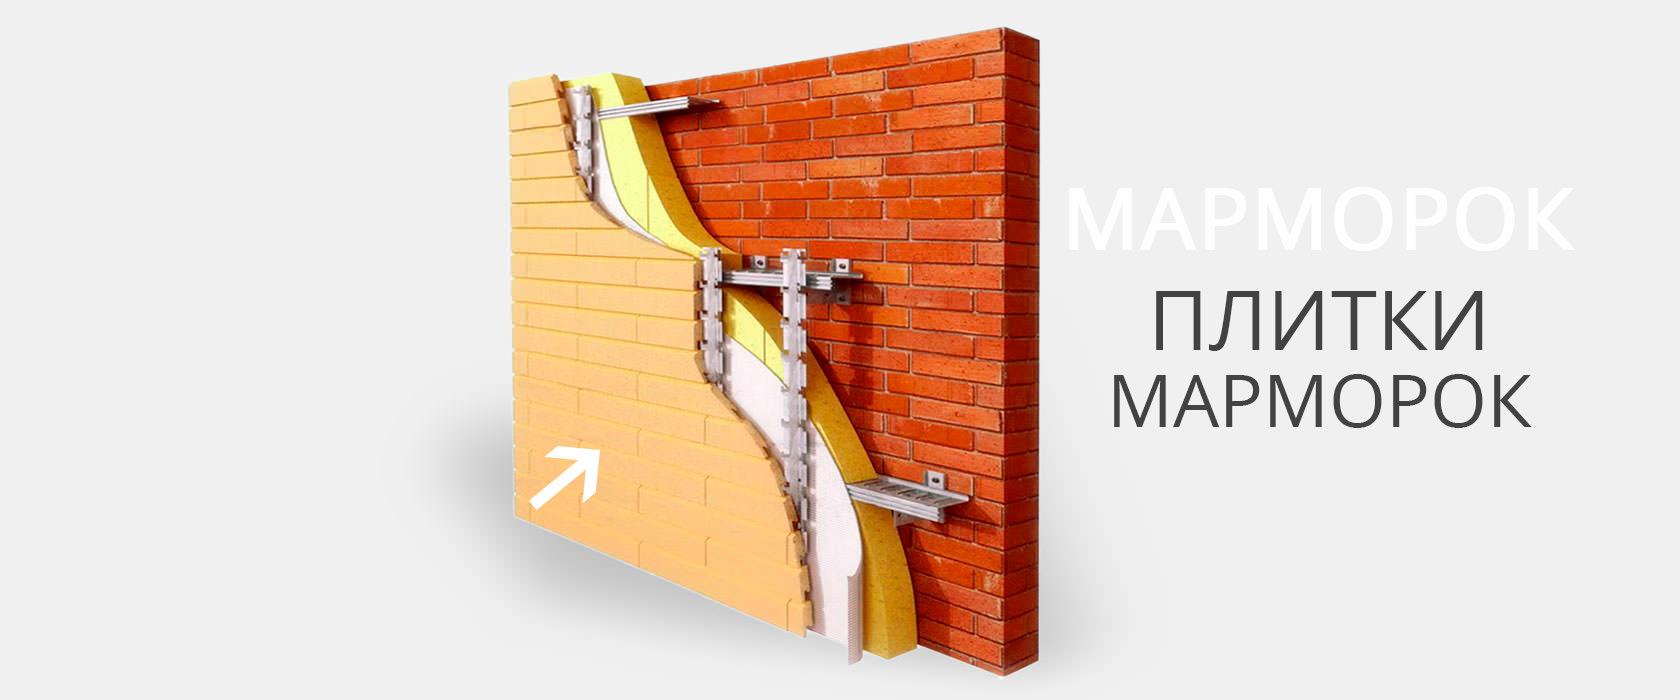 Декоративная облицовка для системы Марморок